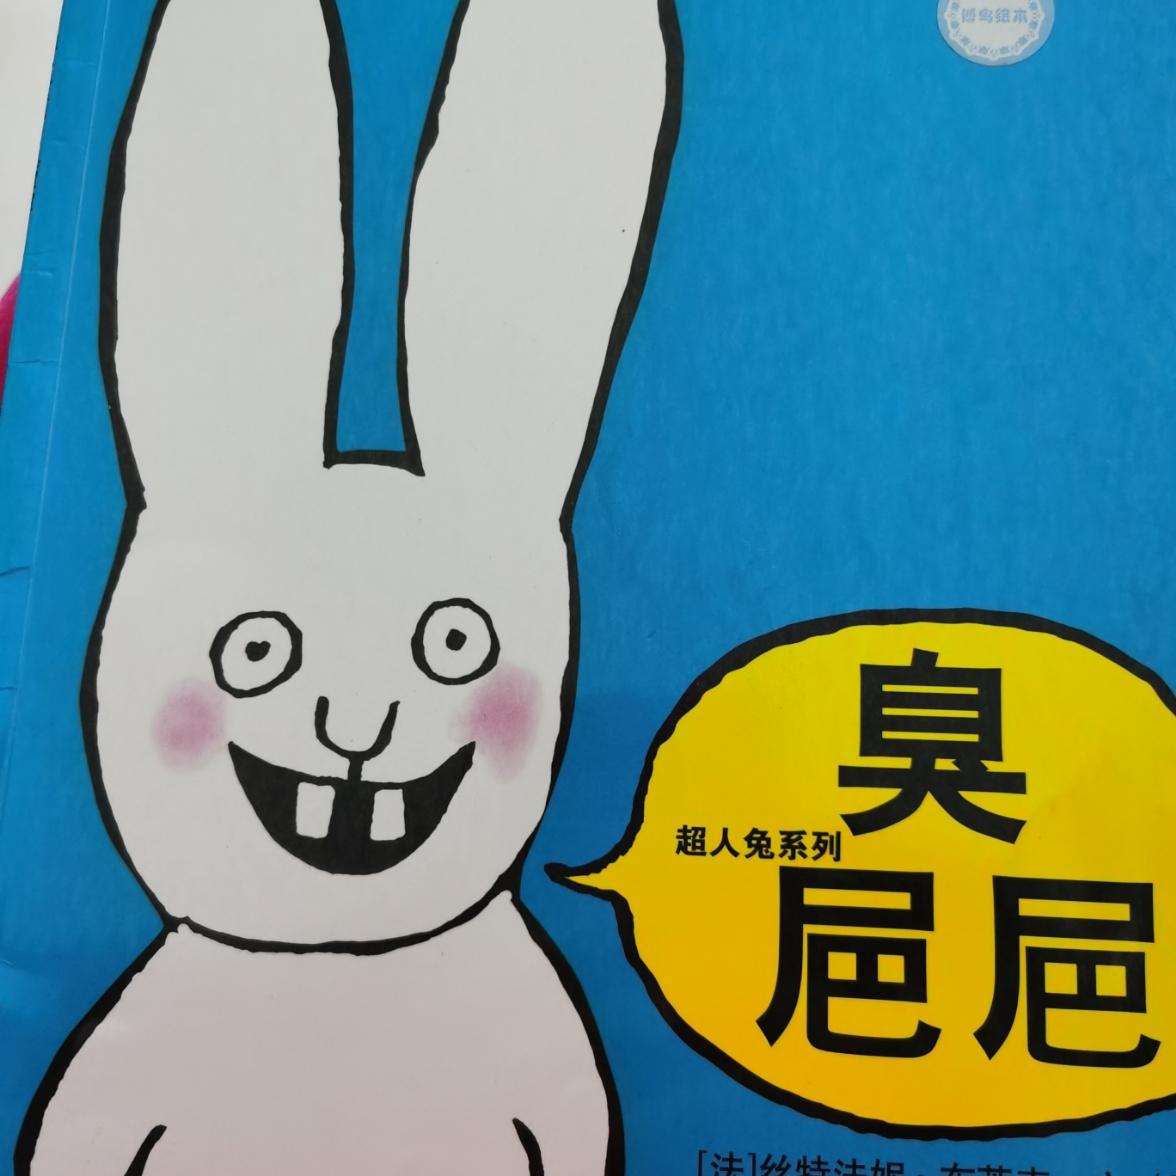 超人兔系列